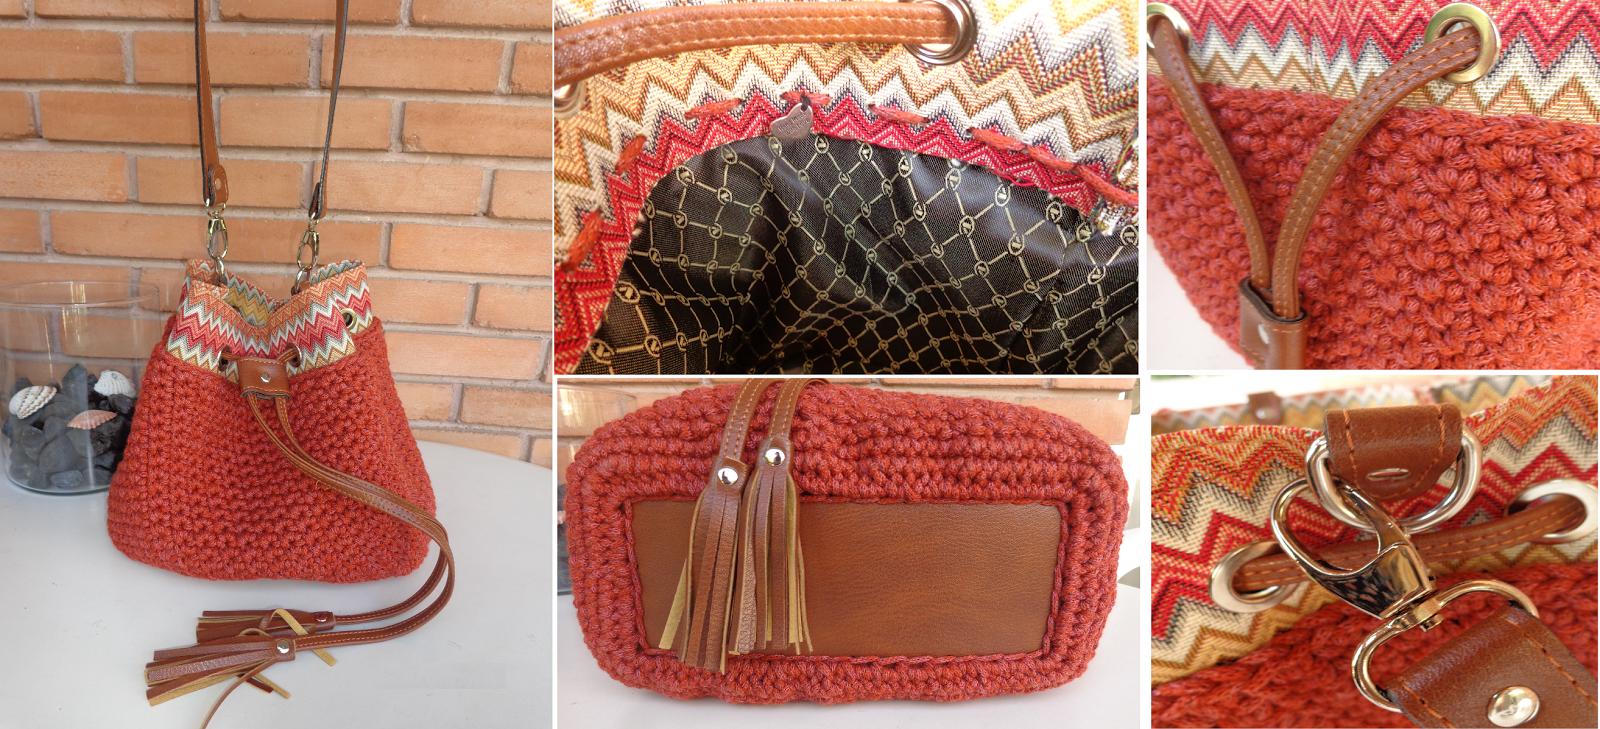 ff87714a70 TS15-110Ε Πλεκτή χειροποίητη τσάντα-πουγκί ώμου πλεγμένη με βαμβακερό  κορδόνι